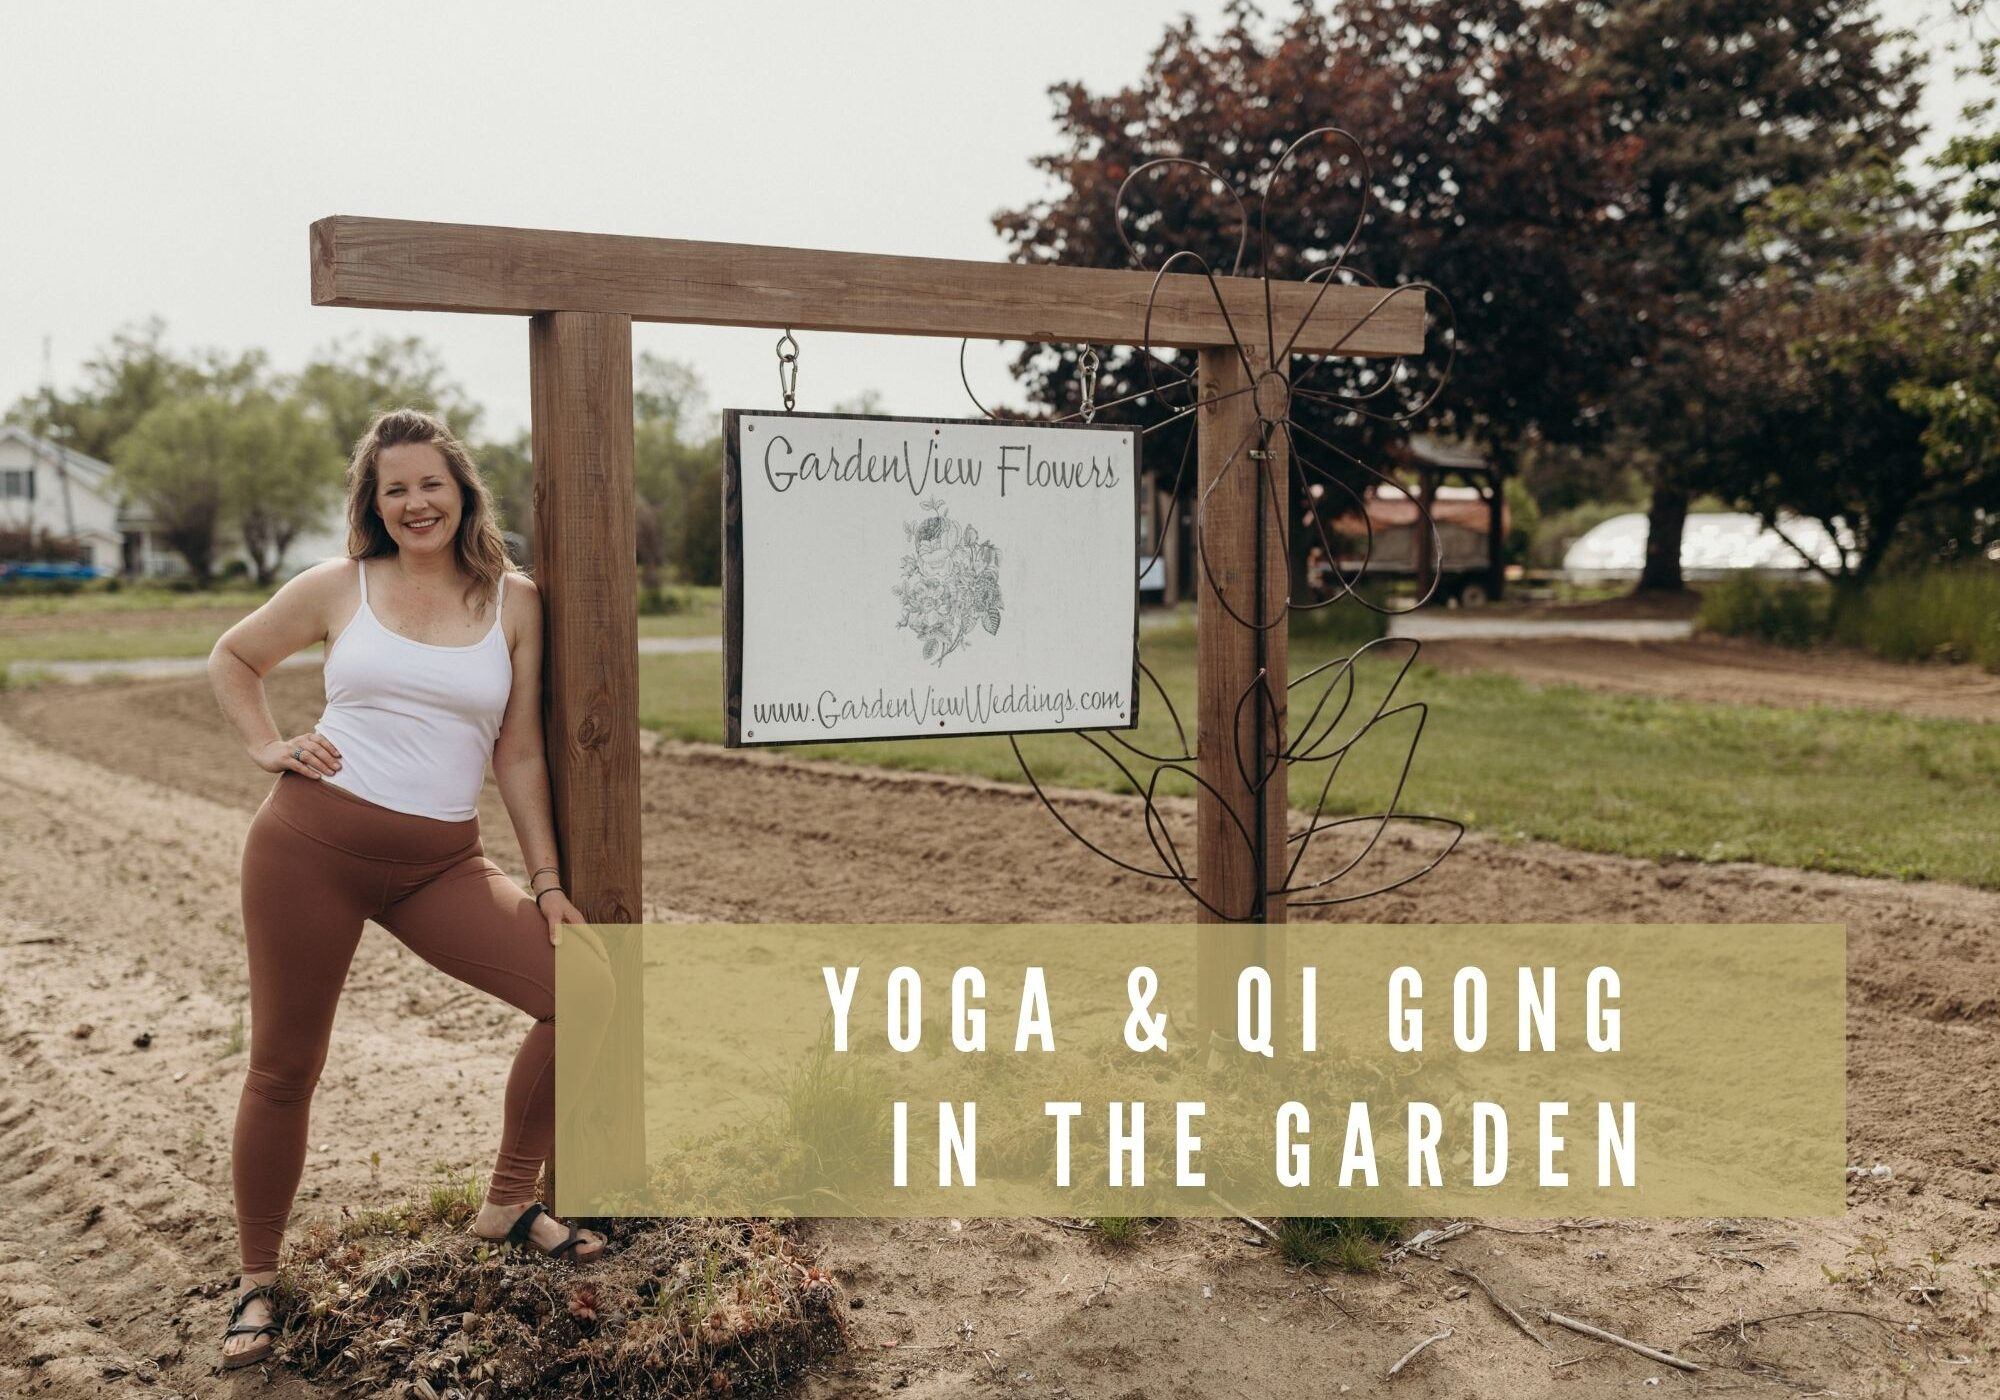 Landscape Yoga in the garden